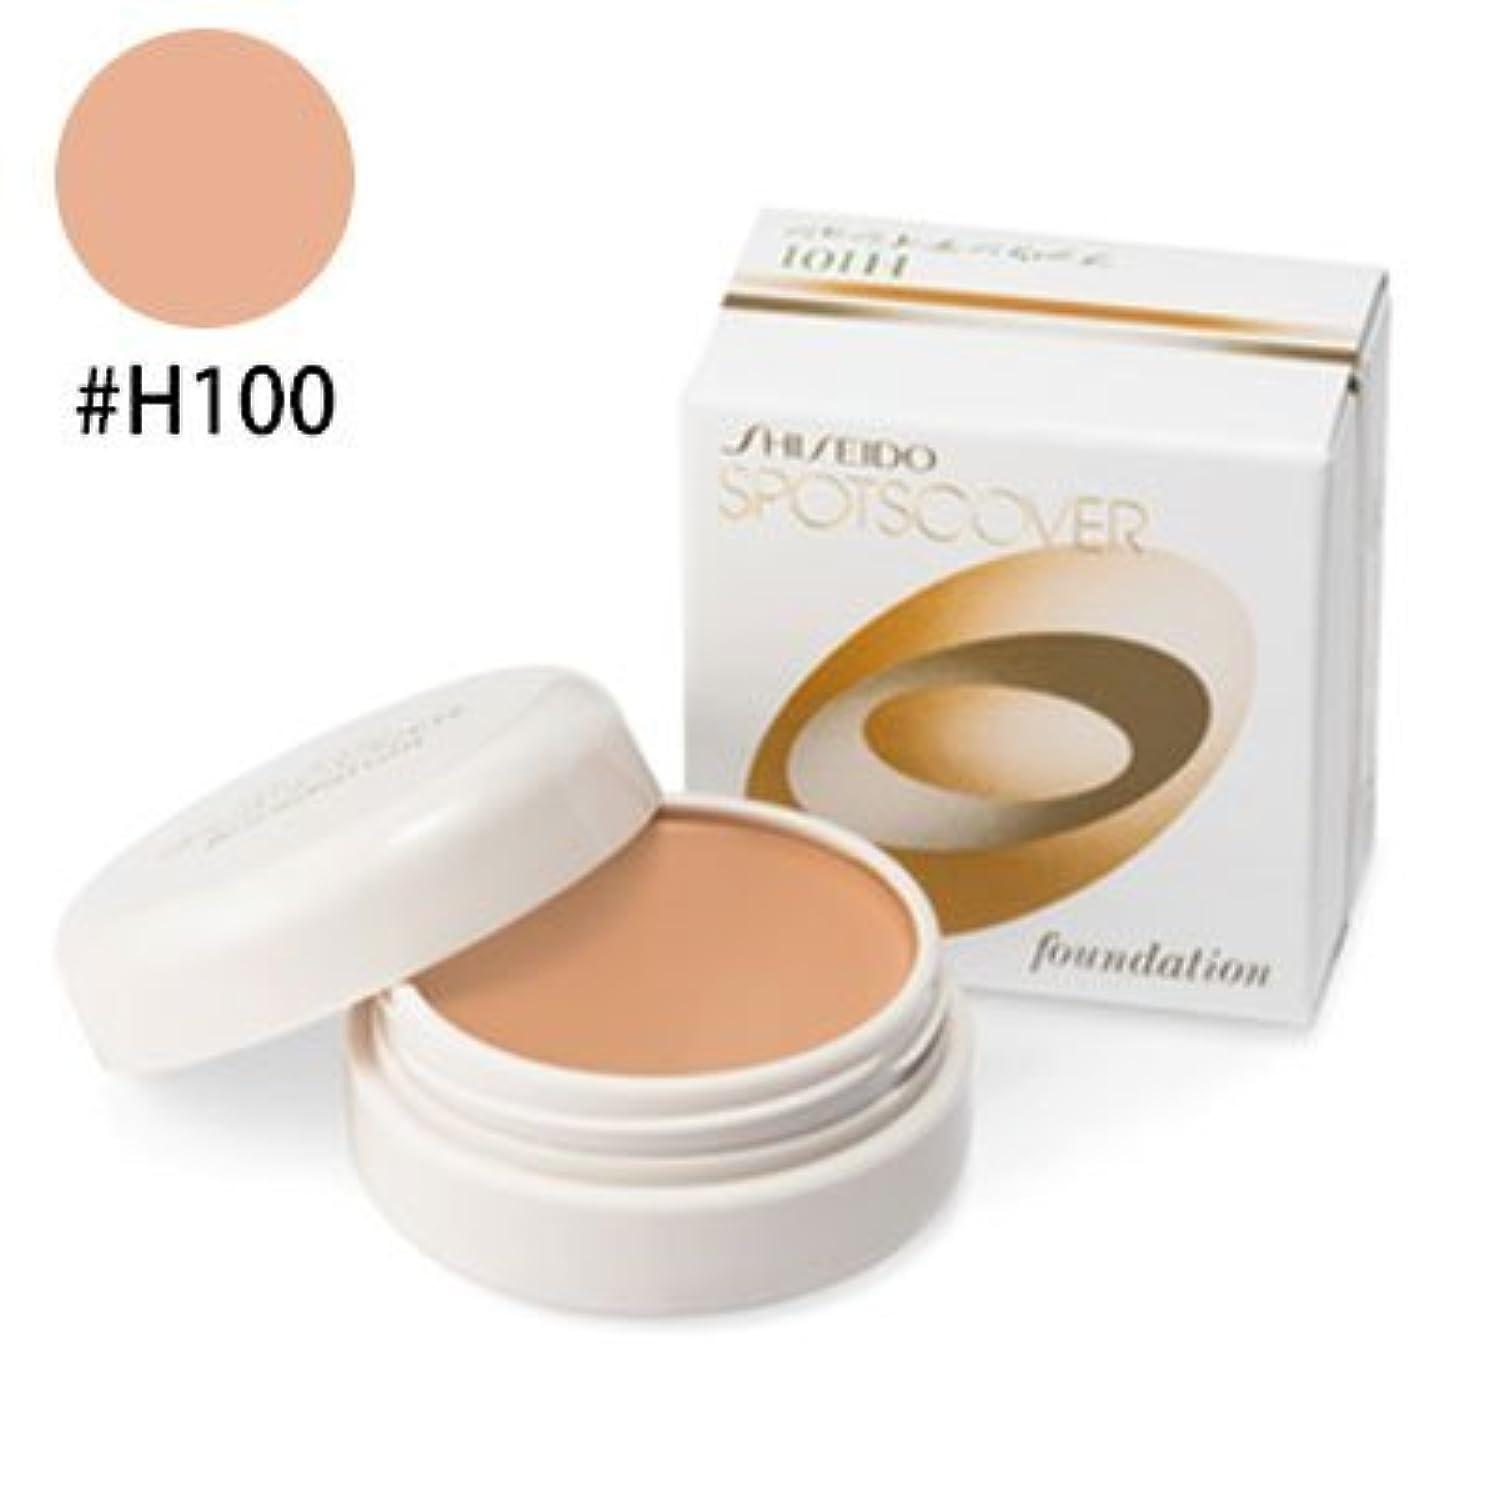 病者感嘆一般化する資生堂(SHISEIDO) スポッツカバー ファウンデイション (ベースカラー部分用) #H100 (コンシーラー)[並行輸入品]